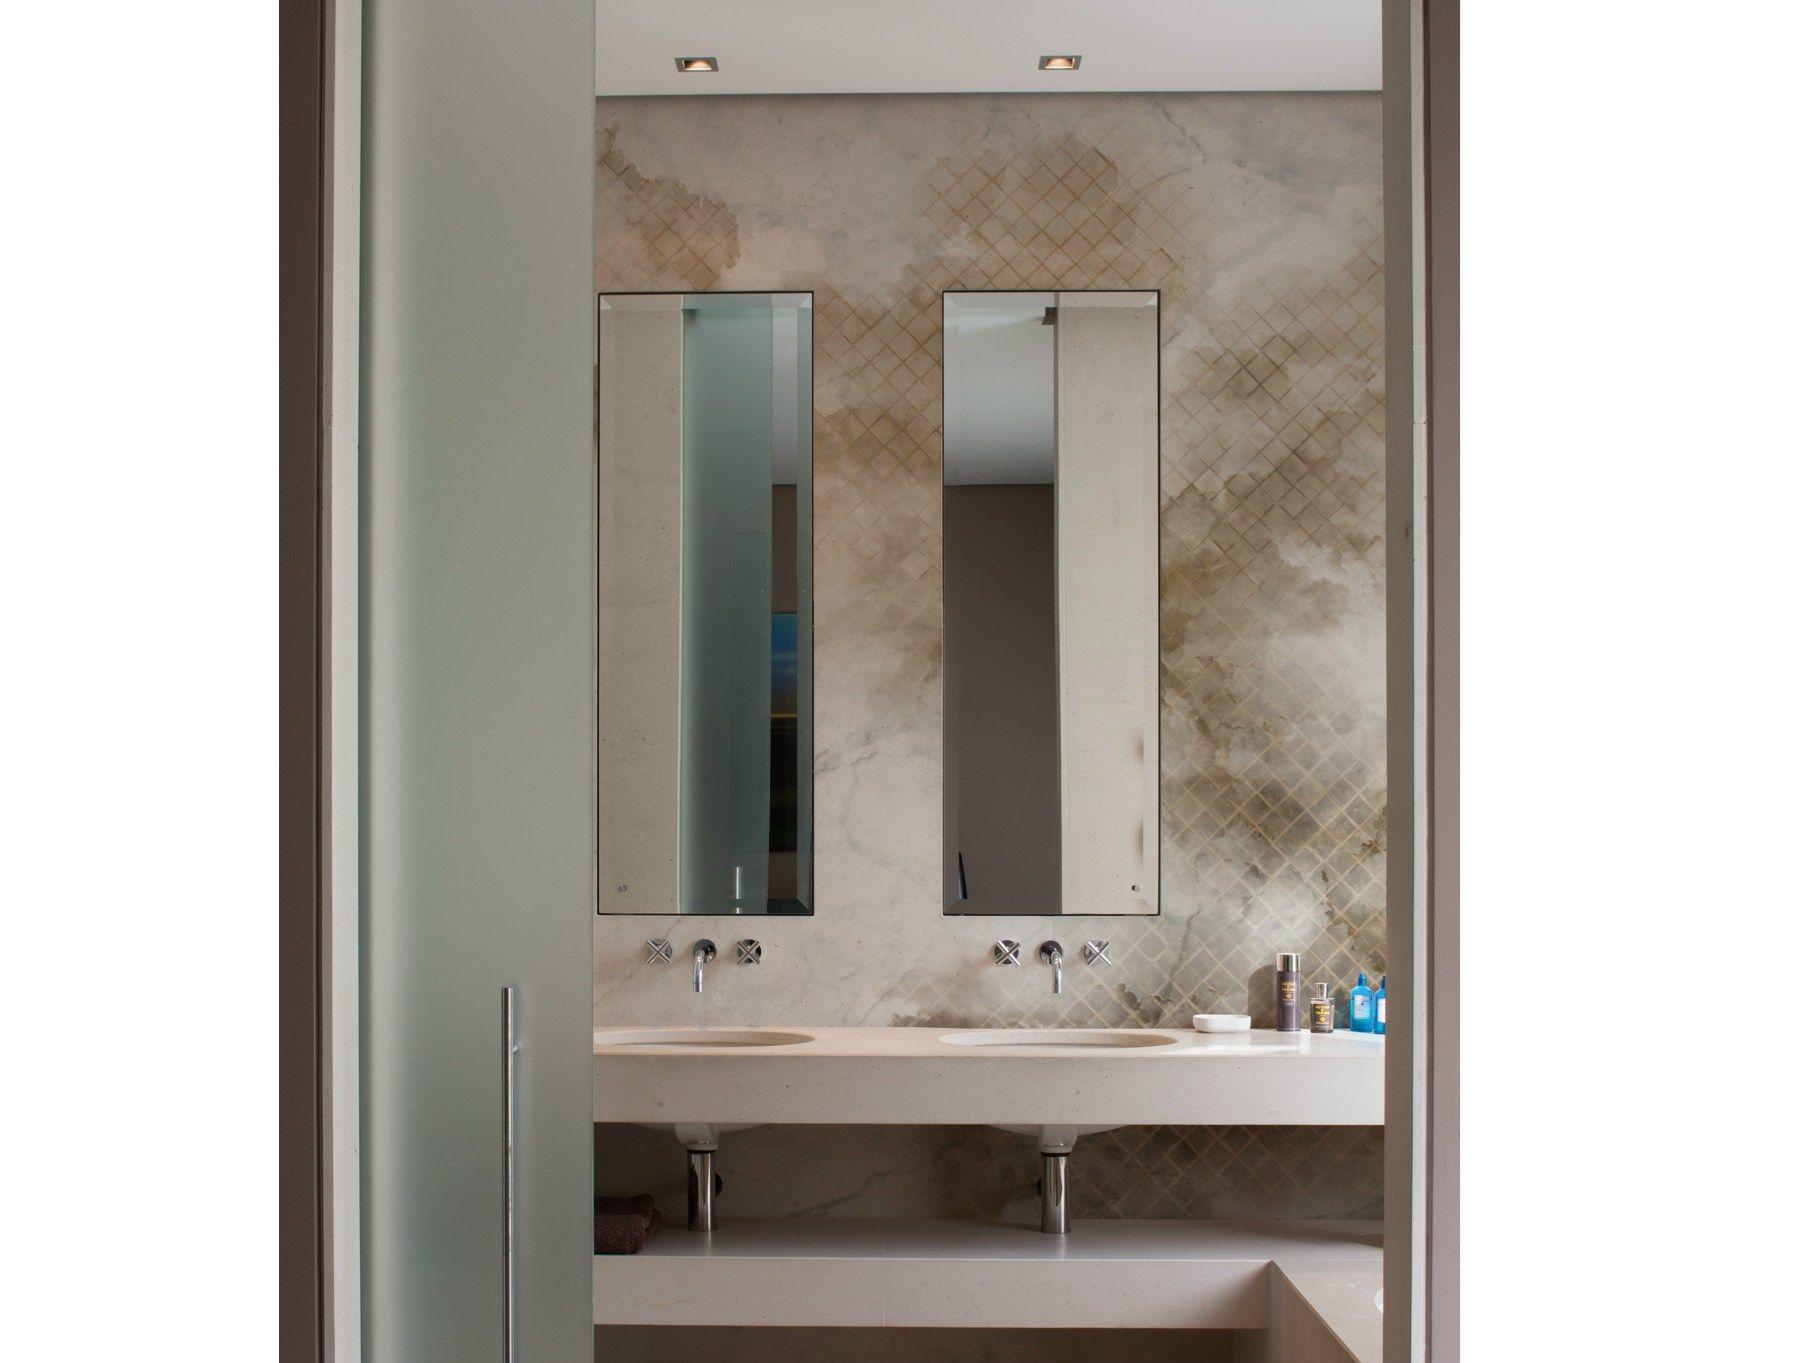 Carta da parati effetto muro per bagno cloudy by wall dec design casa1796 - Carta da parati lavabile per bagno ...